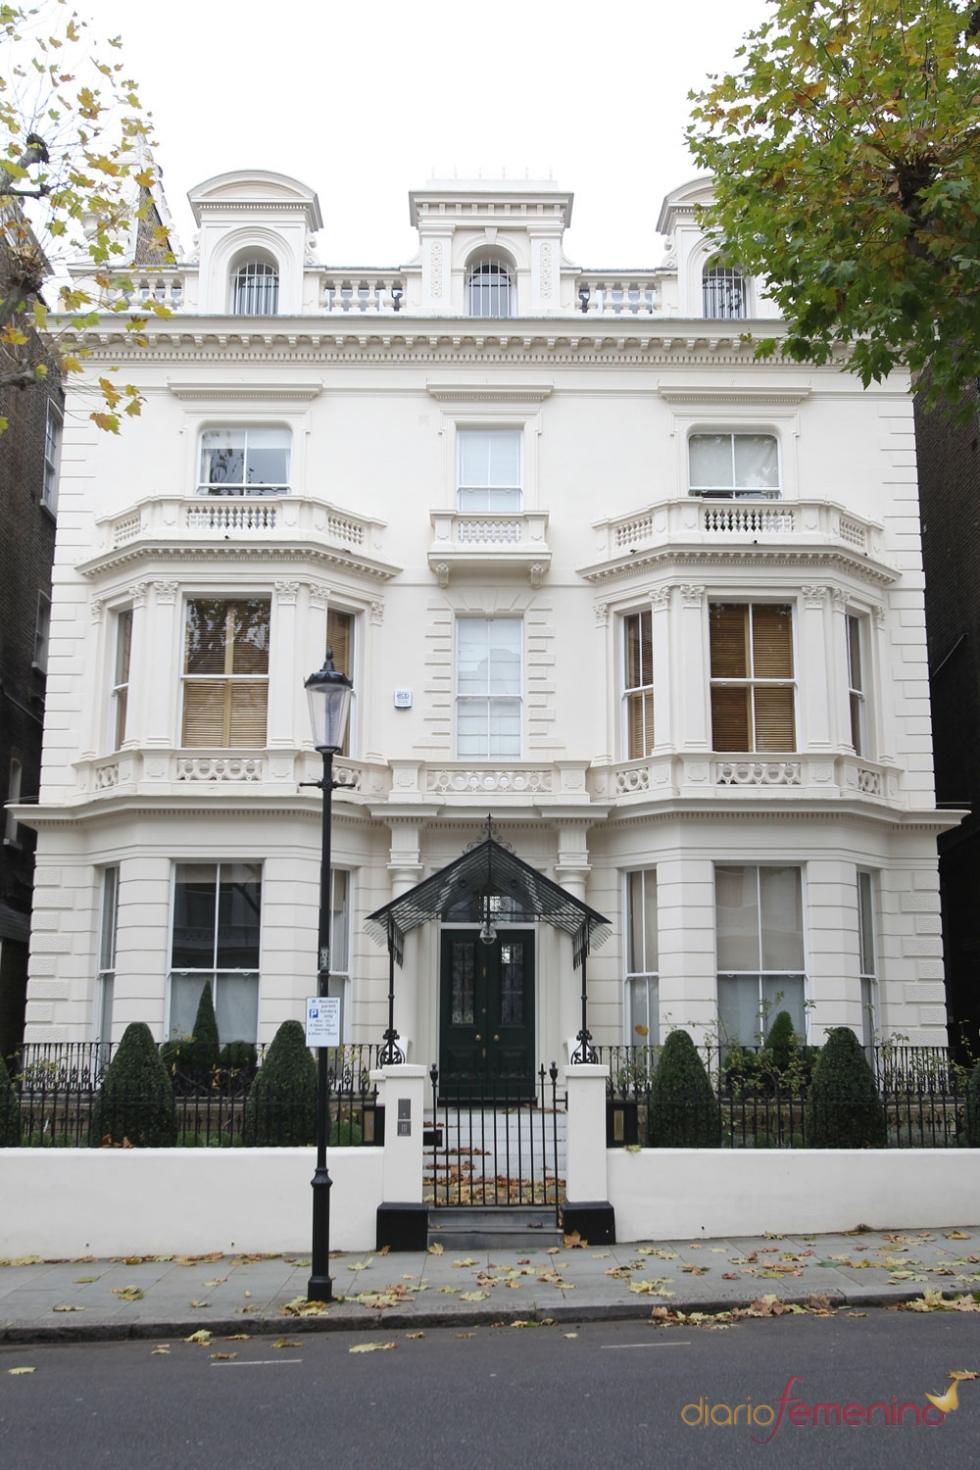 nueva mansión de los Beckham: hogar de lujo en el centro de Londres